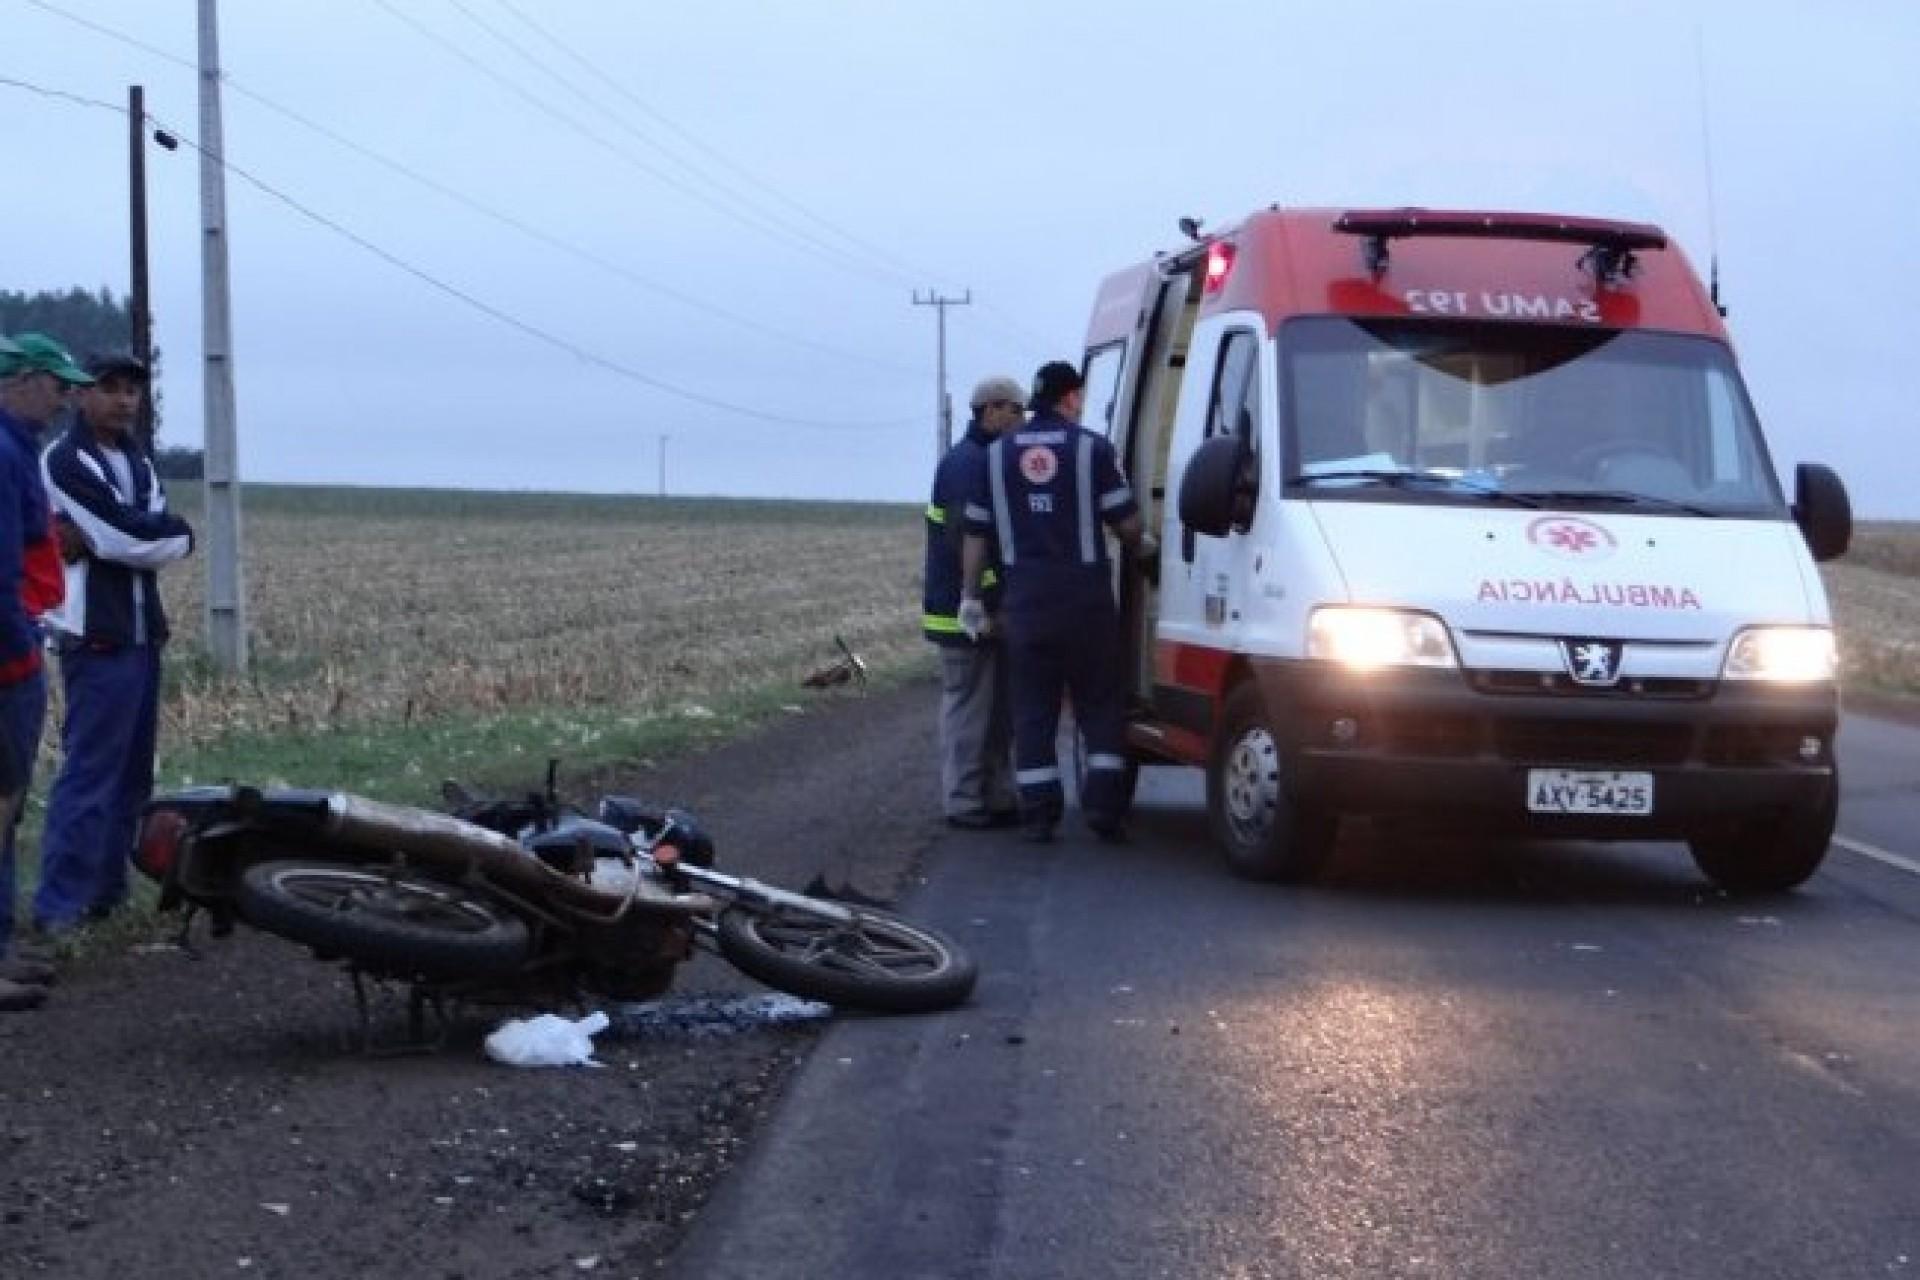 Acidente de trânsito na PR 495 deixa ciclista gravemente ferido